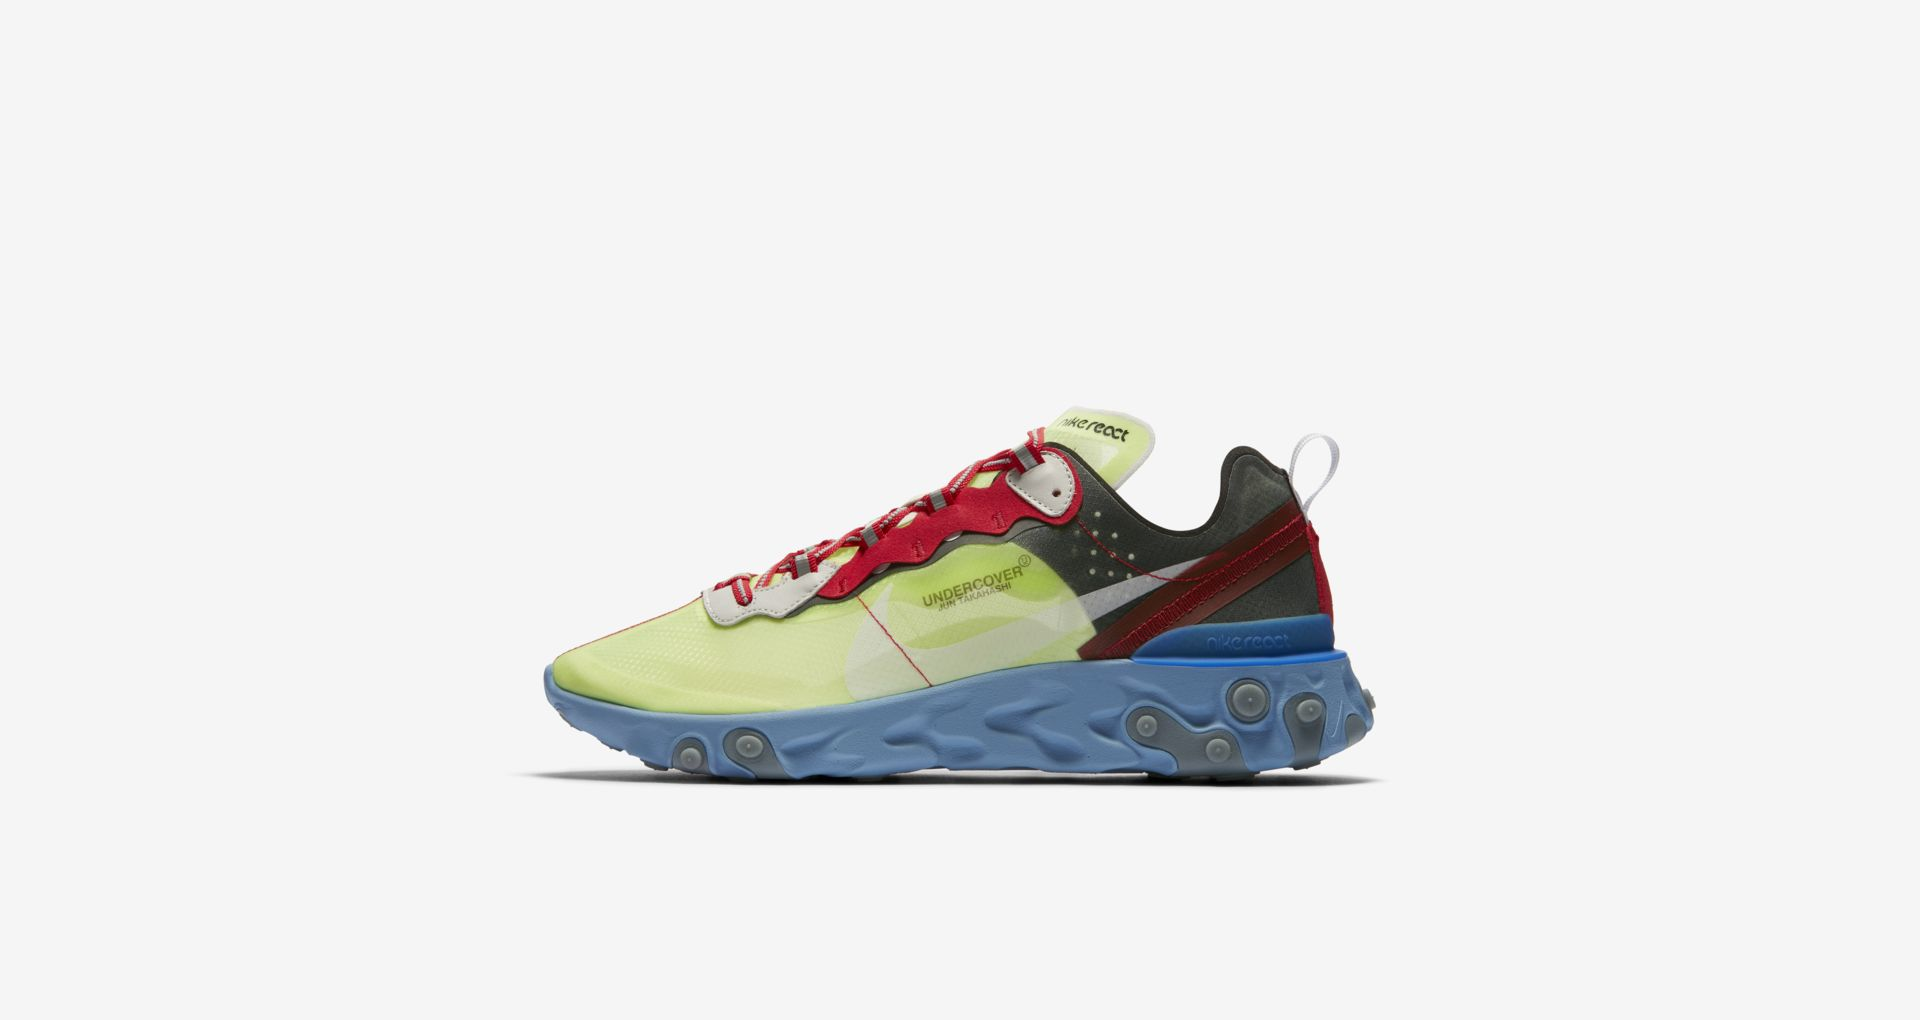 BQ2718 700 Undercover x Nike React Element 87 Volt 2